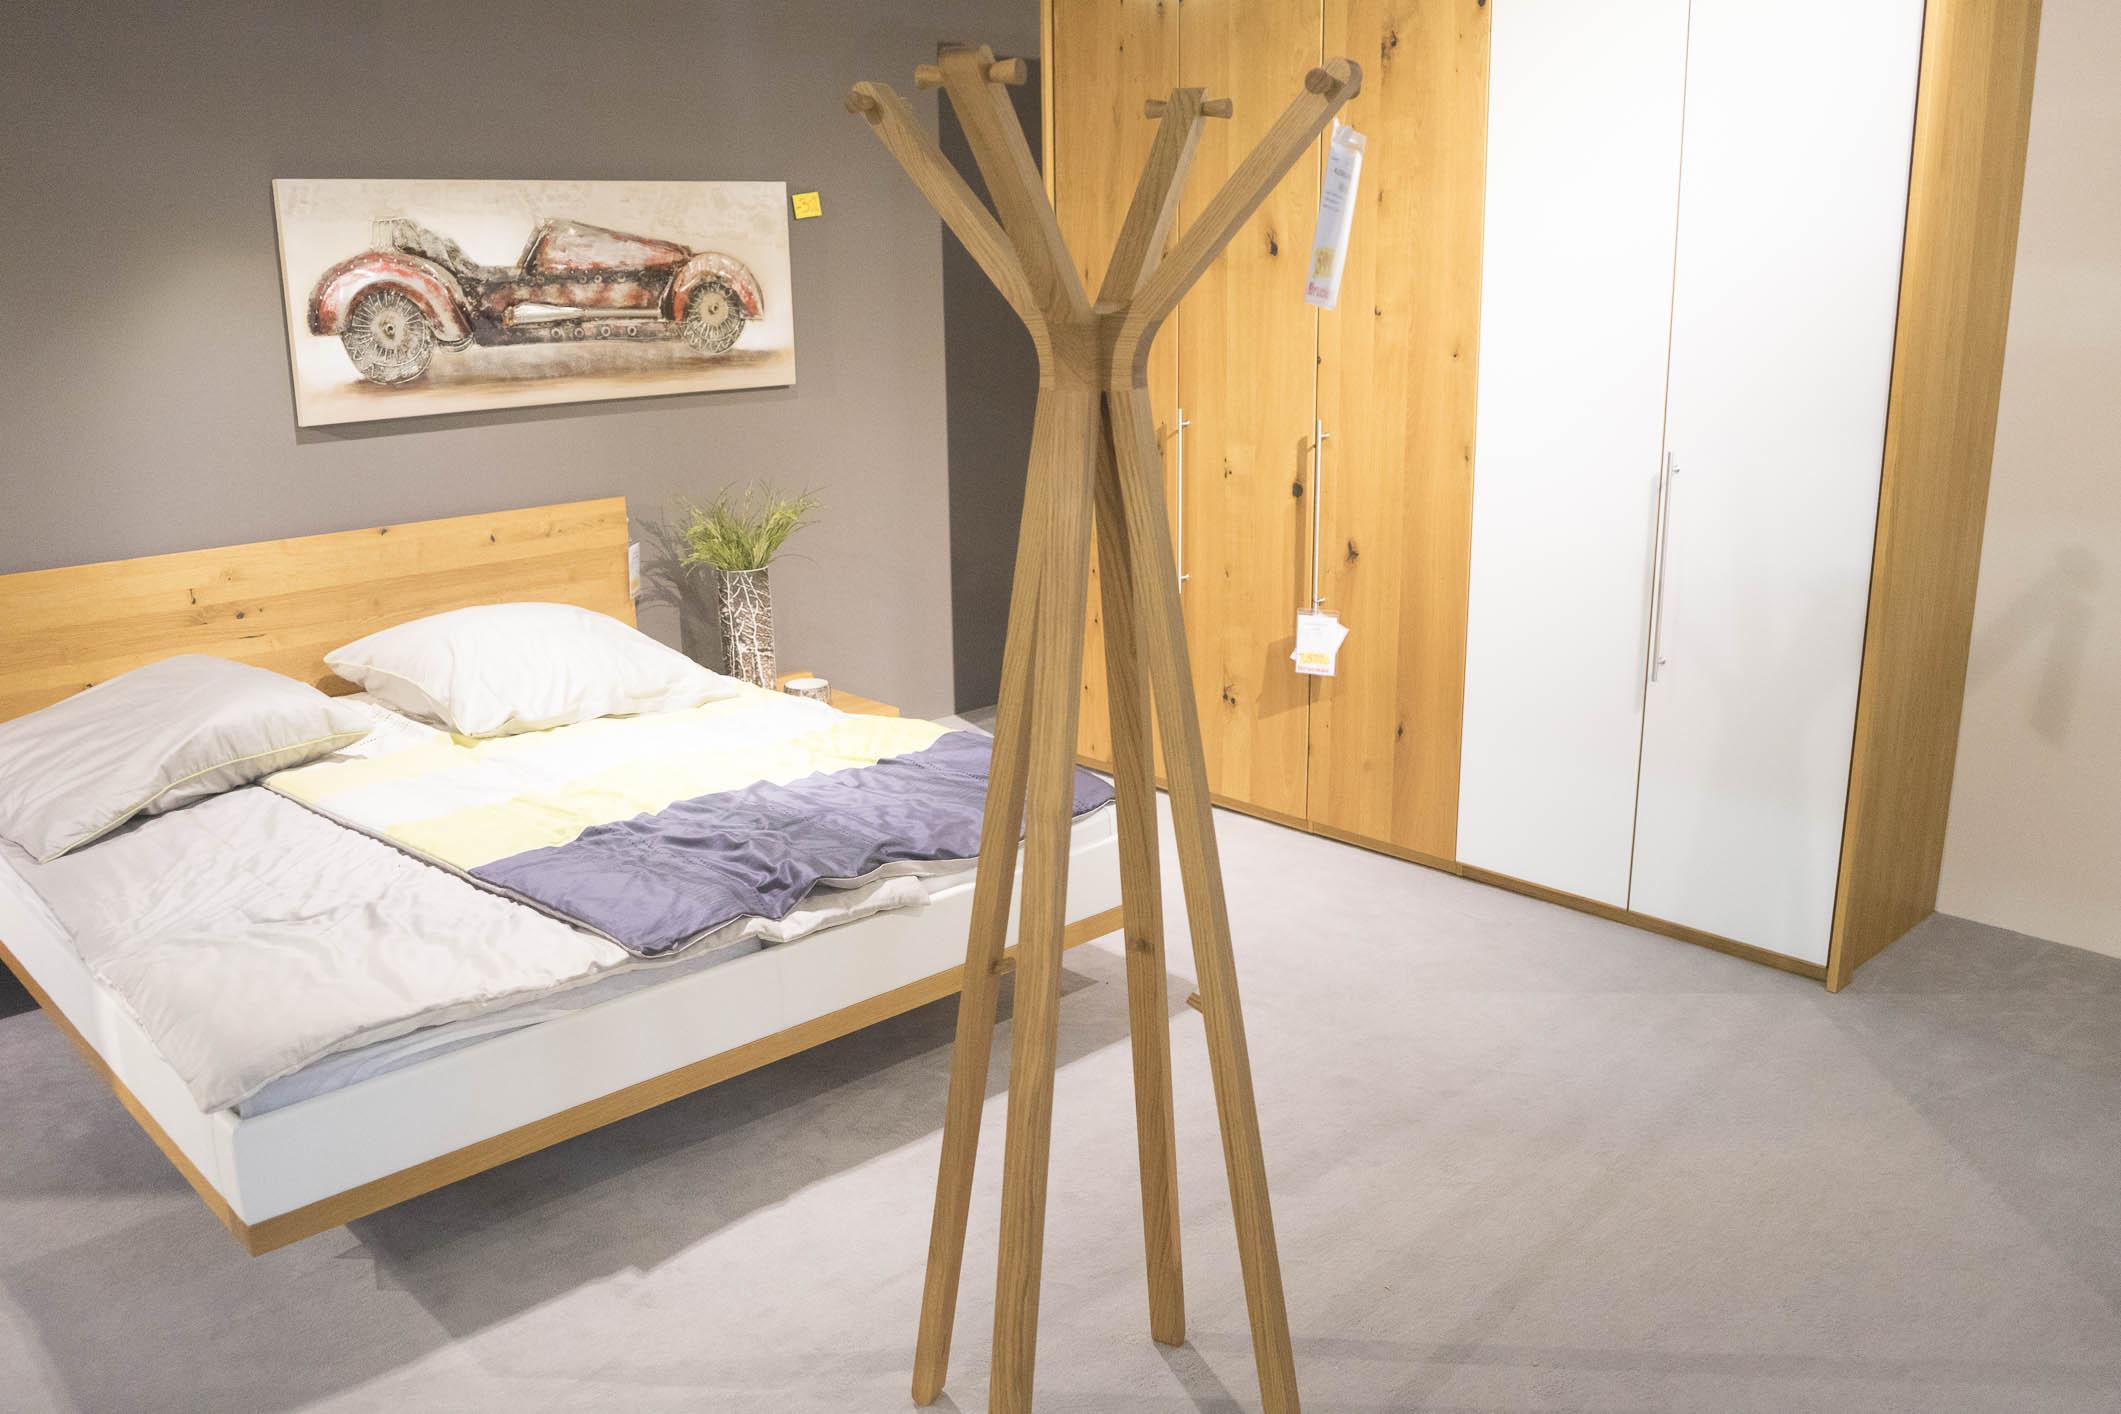 Full Size of Ausstellungsküchen Team 7 Kleiderstnder Hood Von Mbel Brucker Betten Wohnzimmer Ausstellungsküchen Team 7